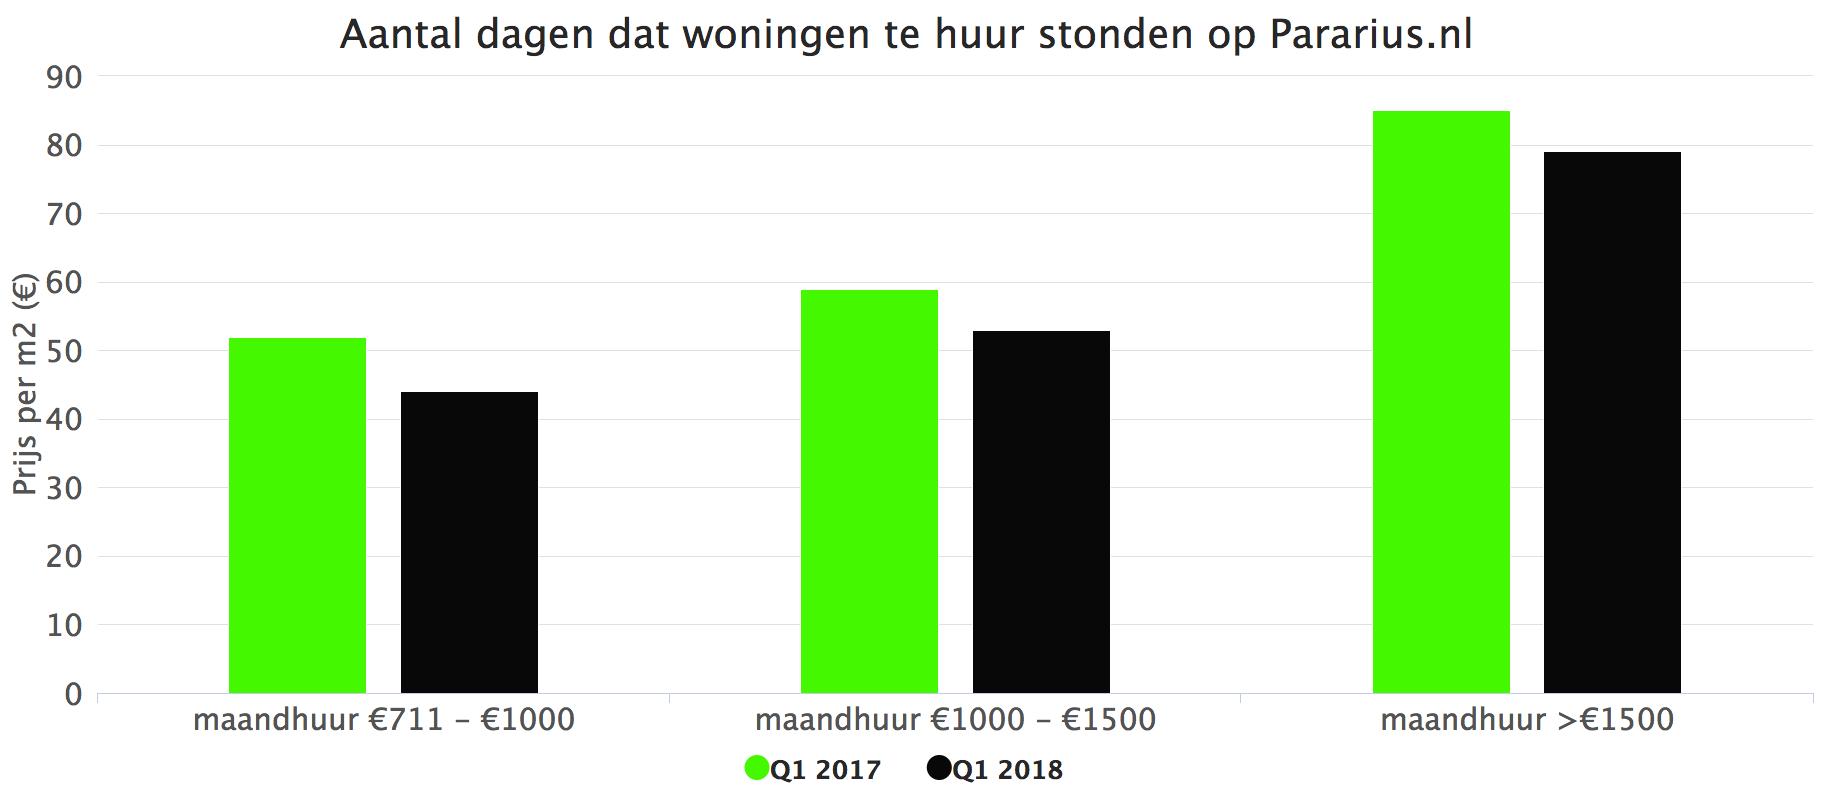 Aantal Dagen dat woningen te huur stonden op Pararius.nl